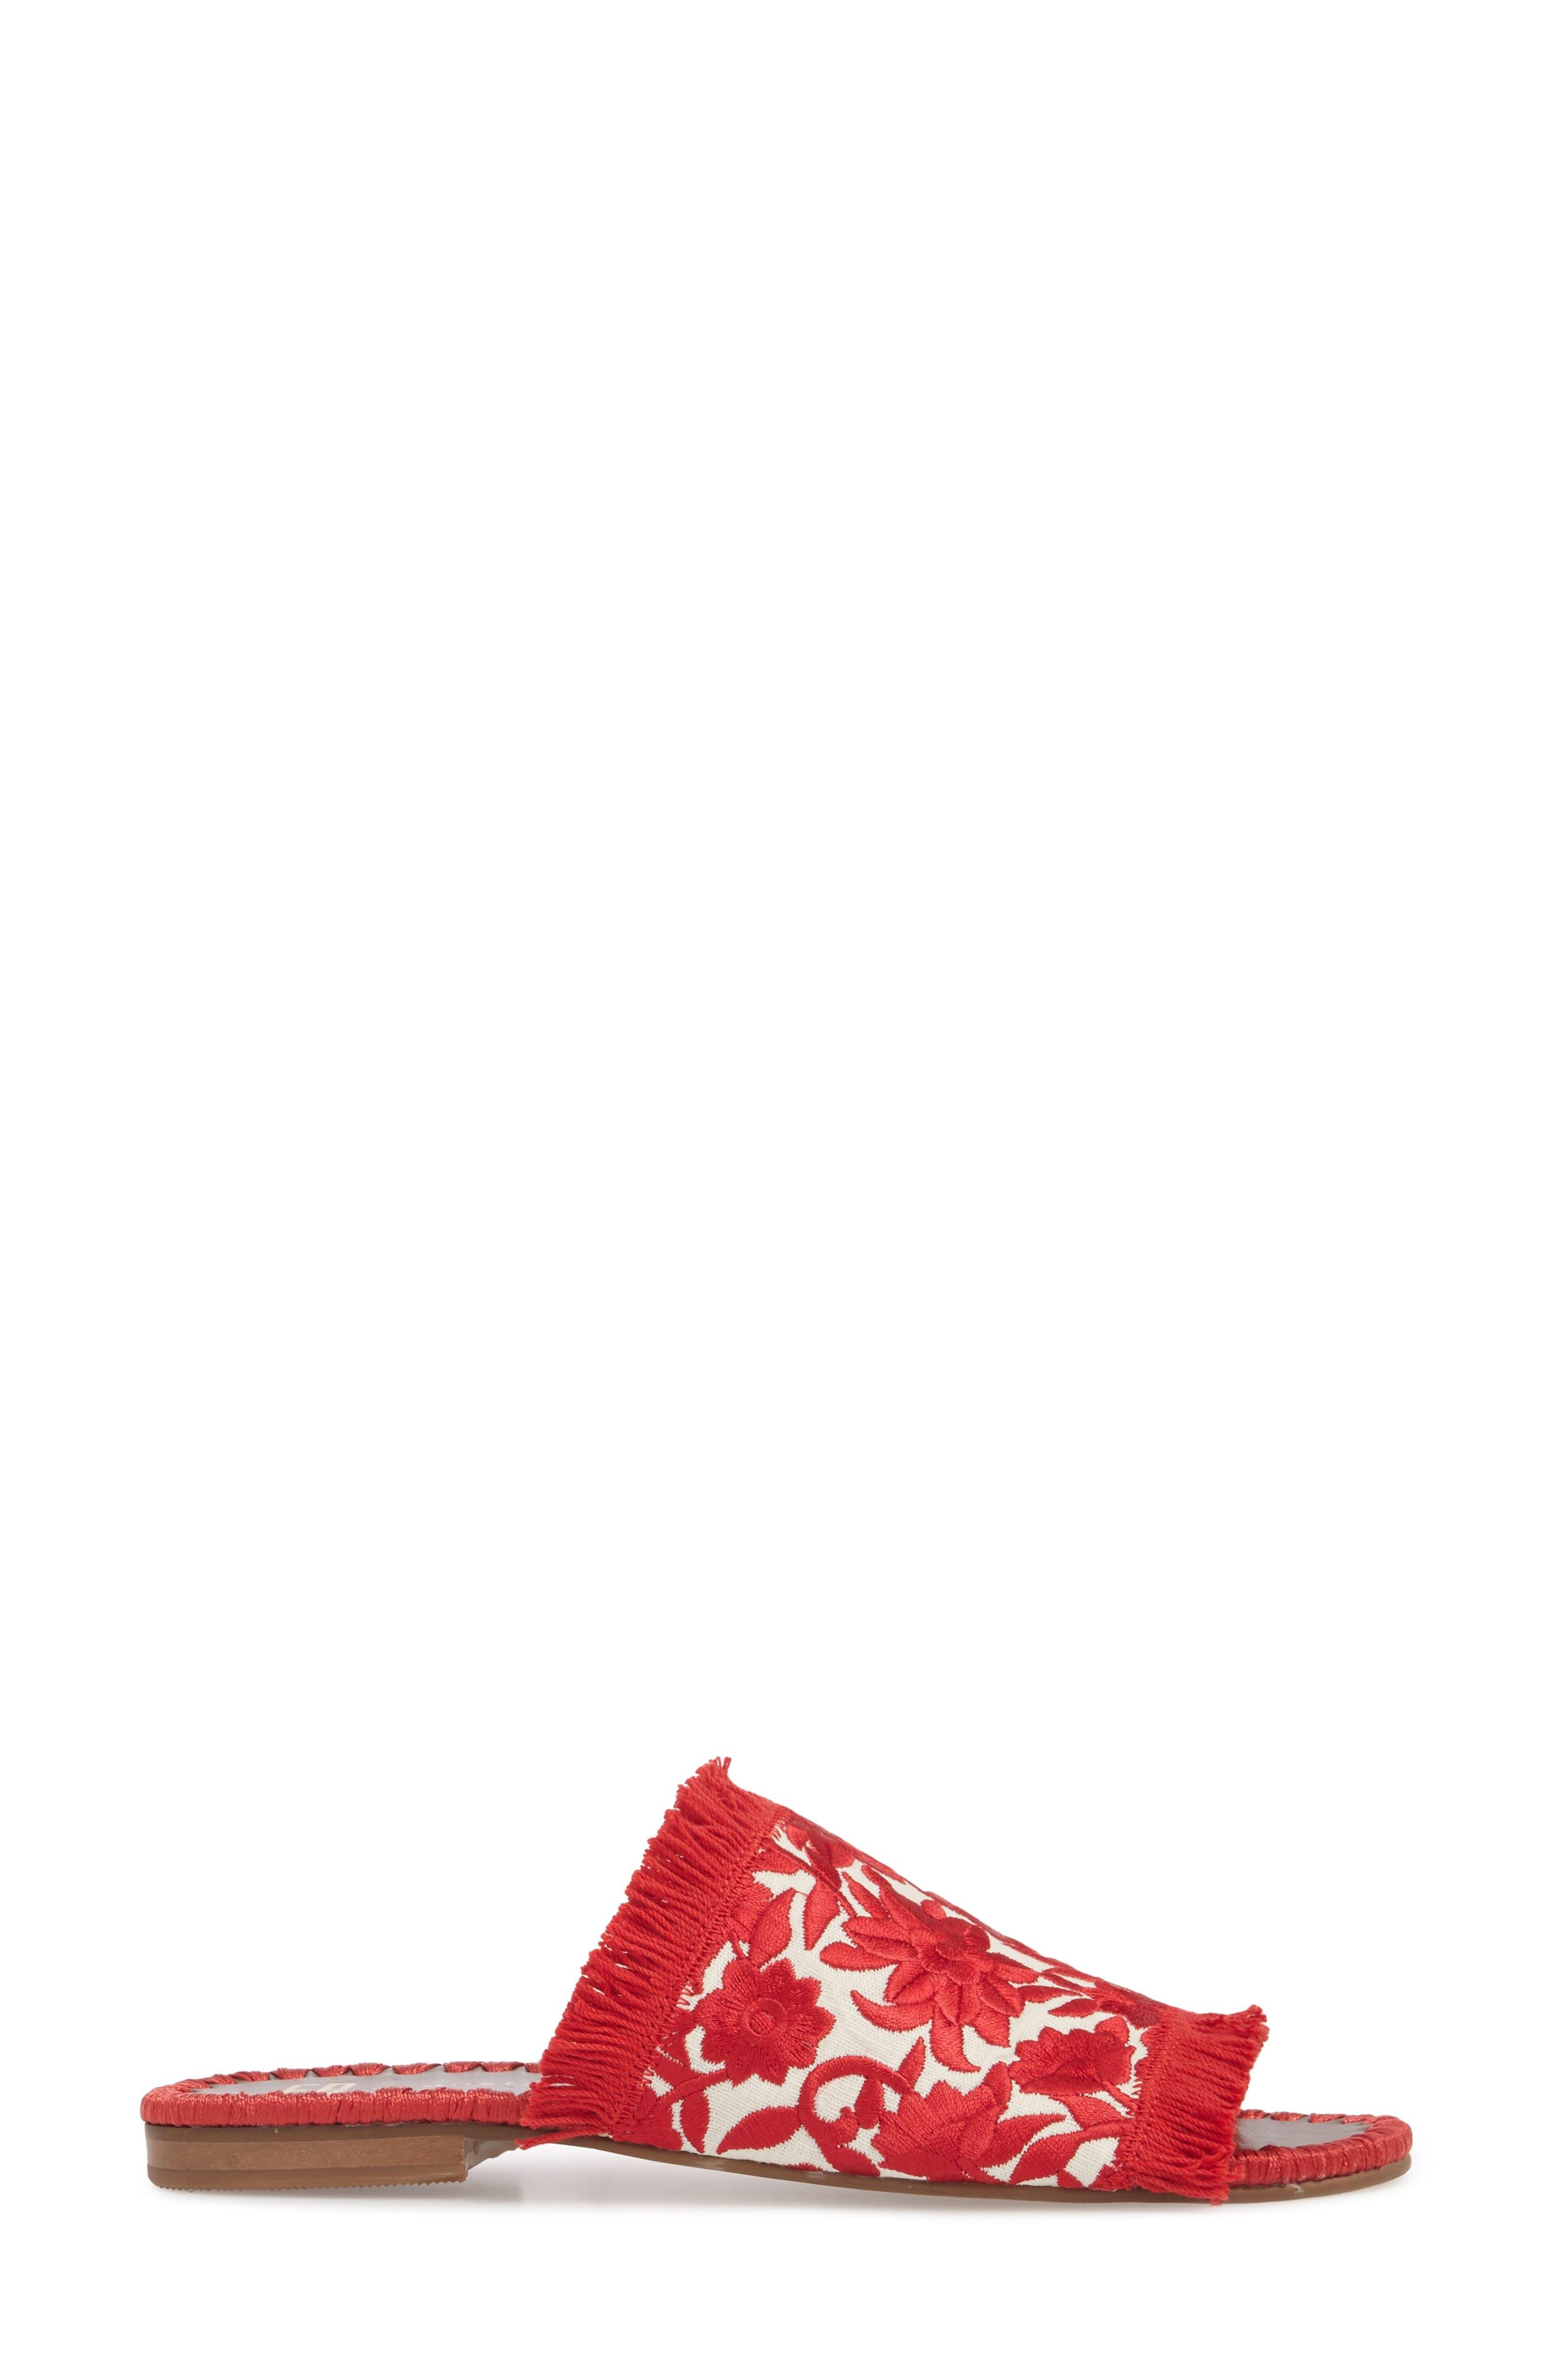 Tavie Fringed Slide Sandal,                             Alternate thumbnail 3, color,                             Red/ Cream Fabric